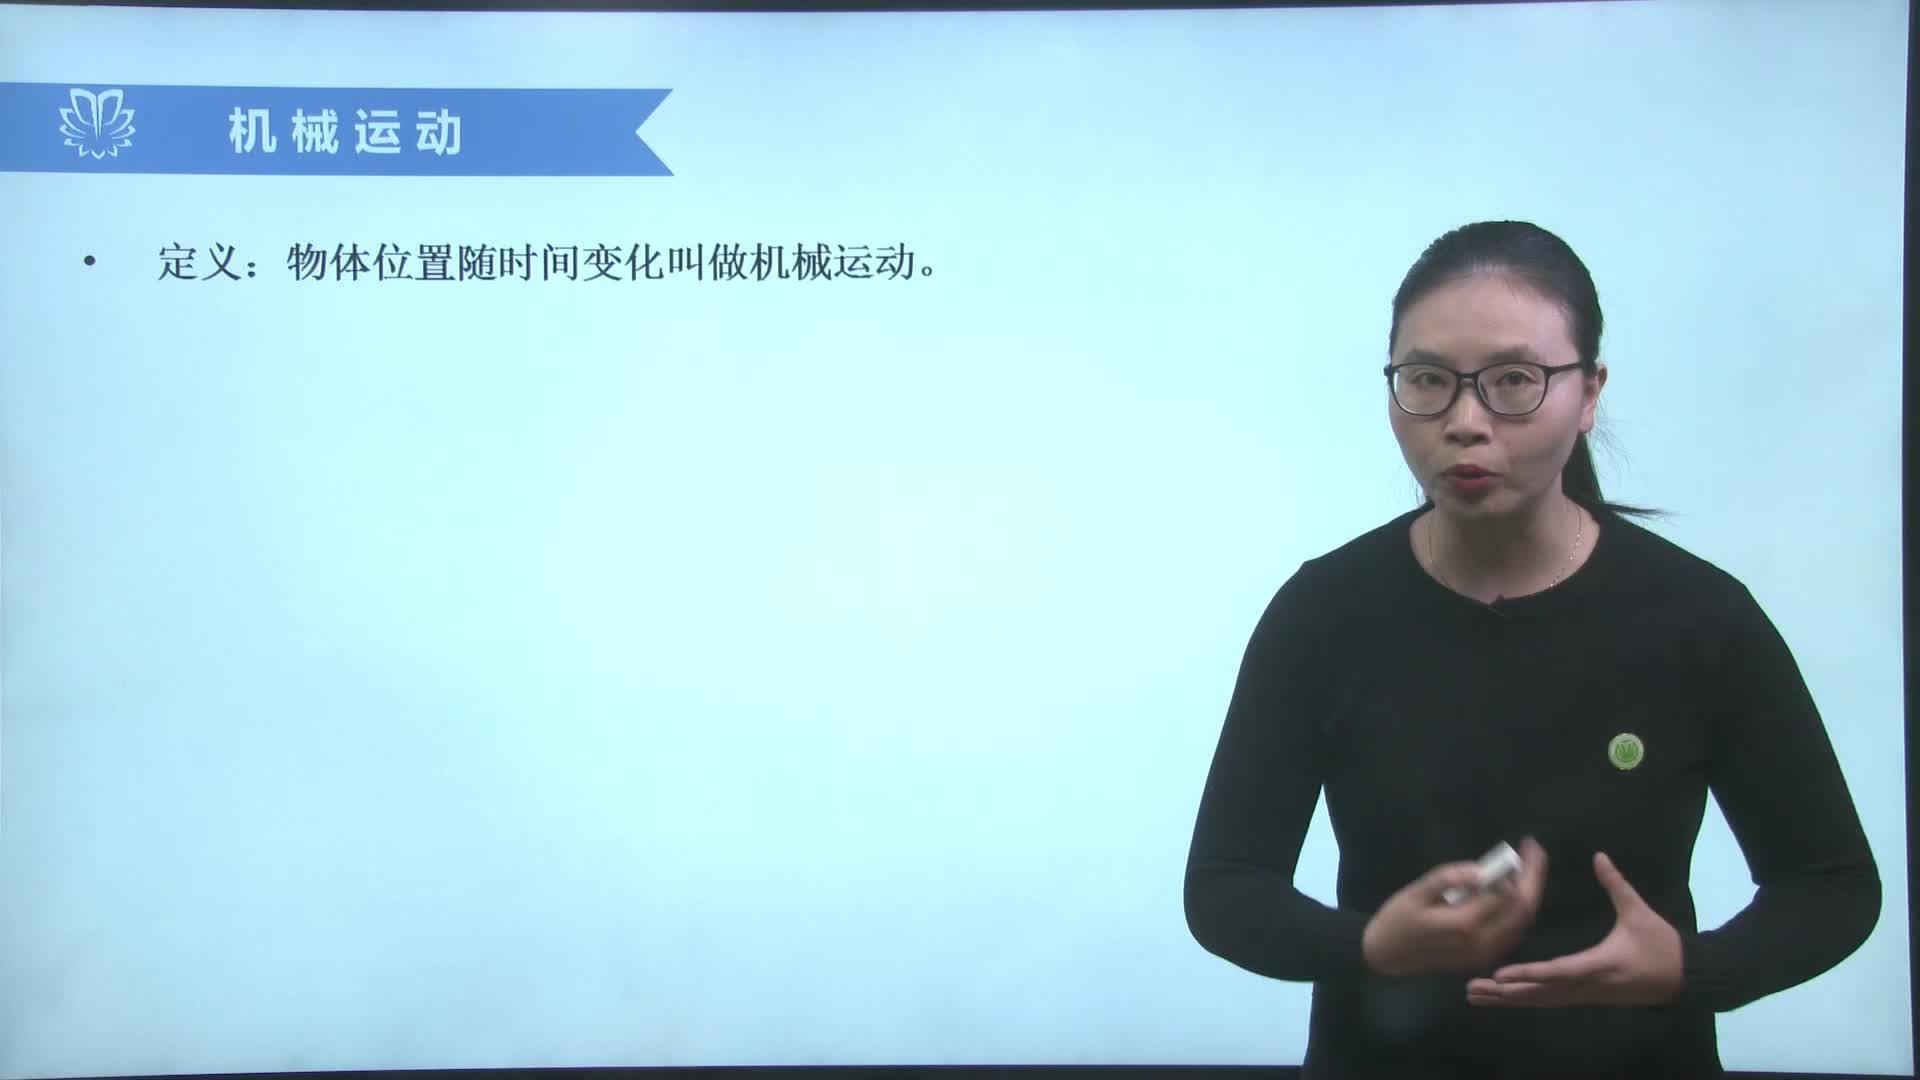 视频1.2运动的描述-【慕联】初中完全同步系列人教版物理八年级上册